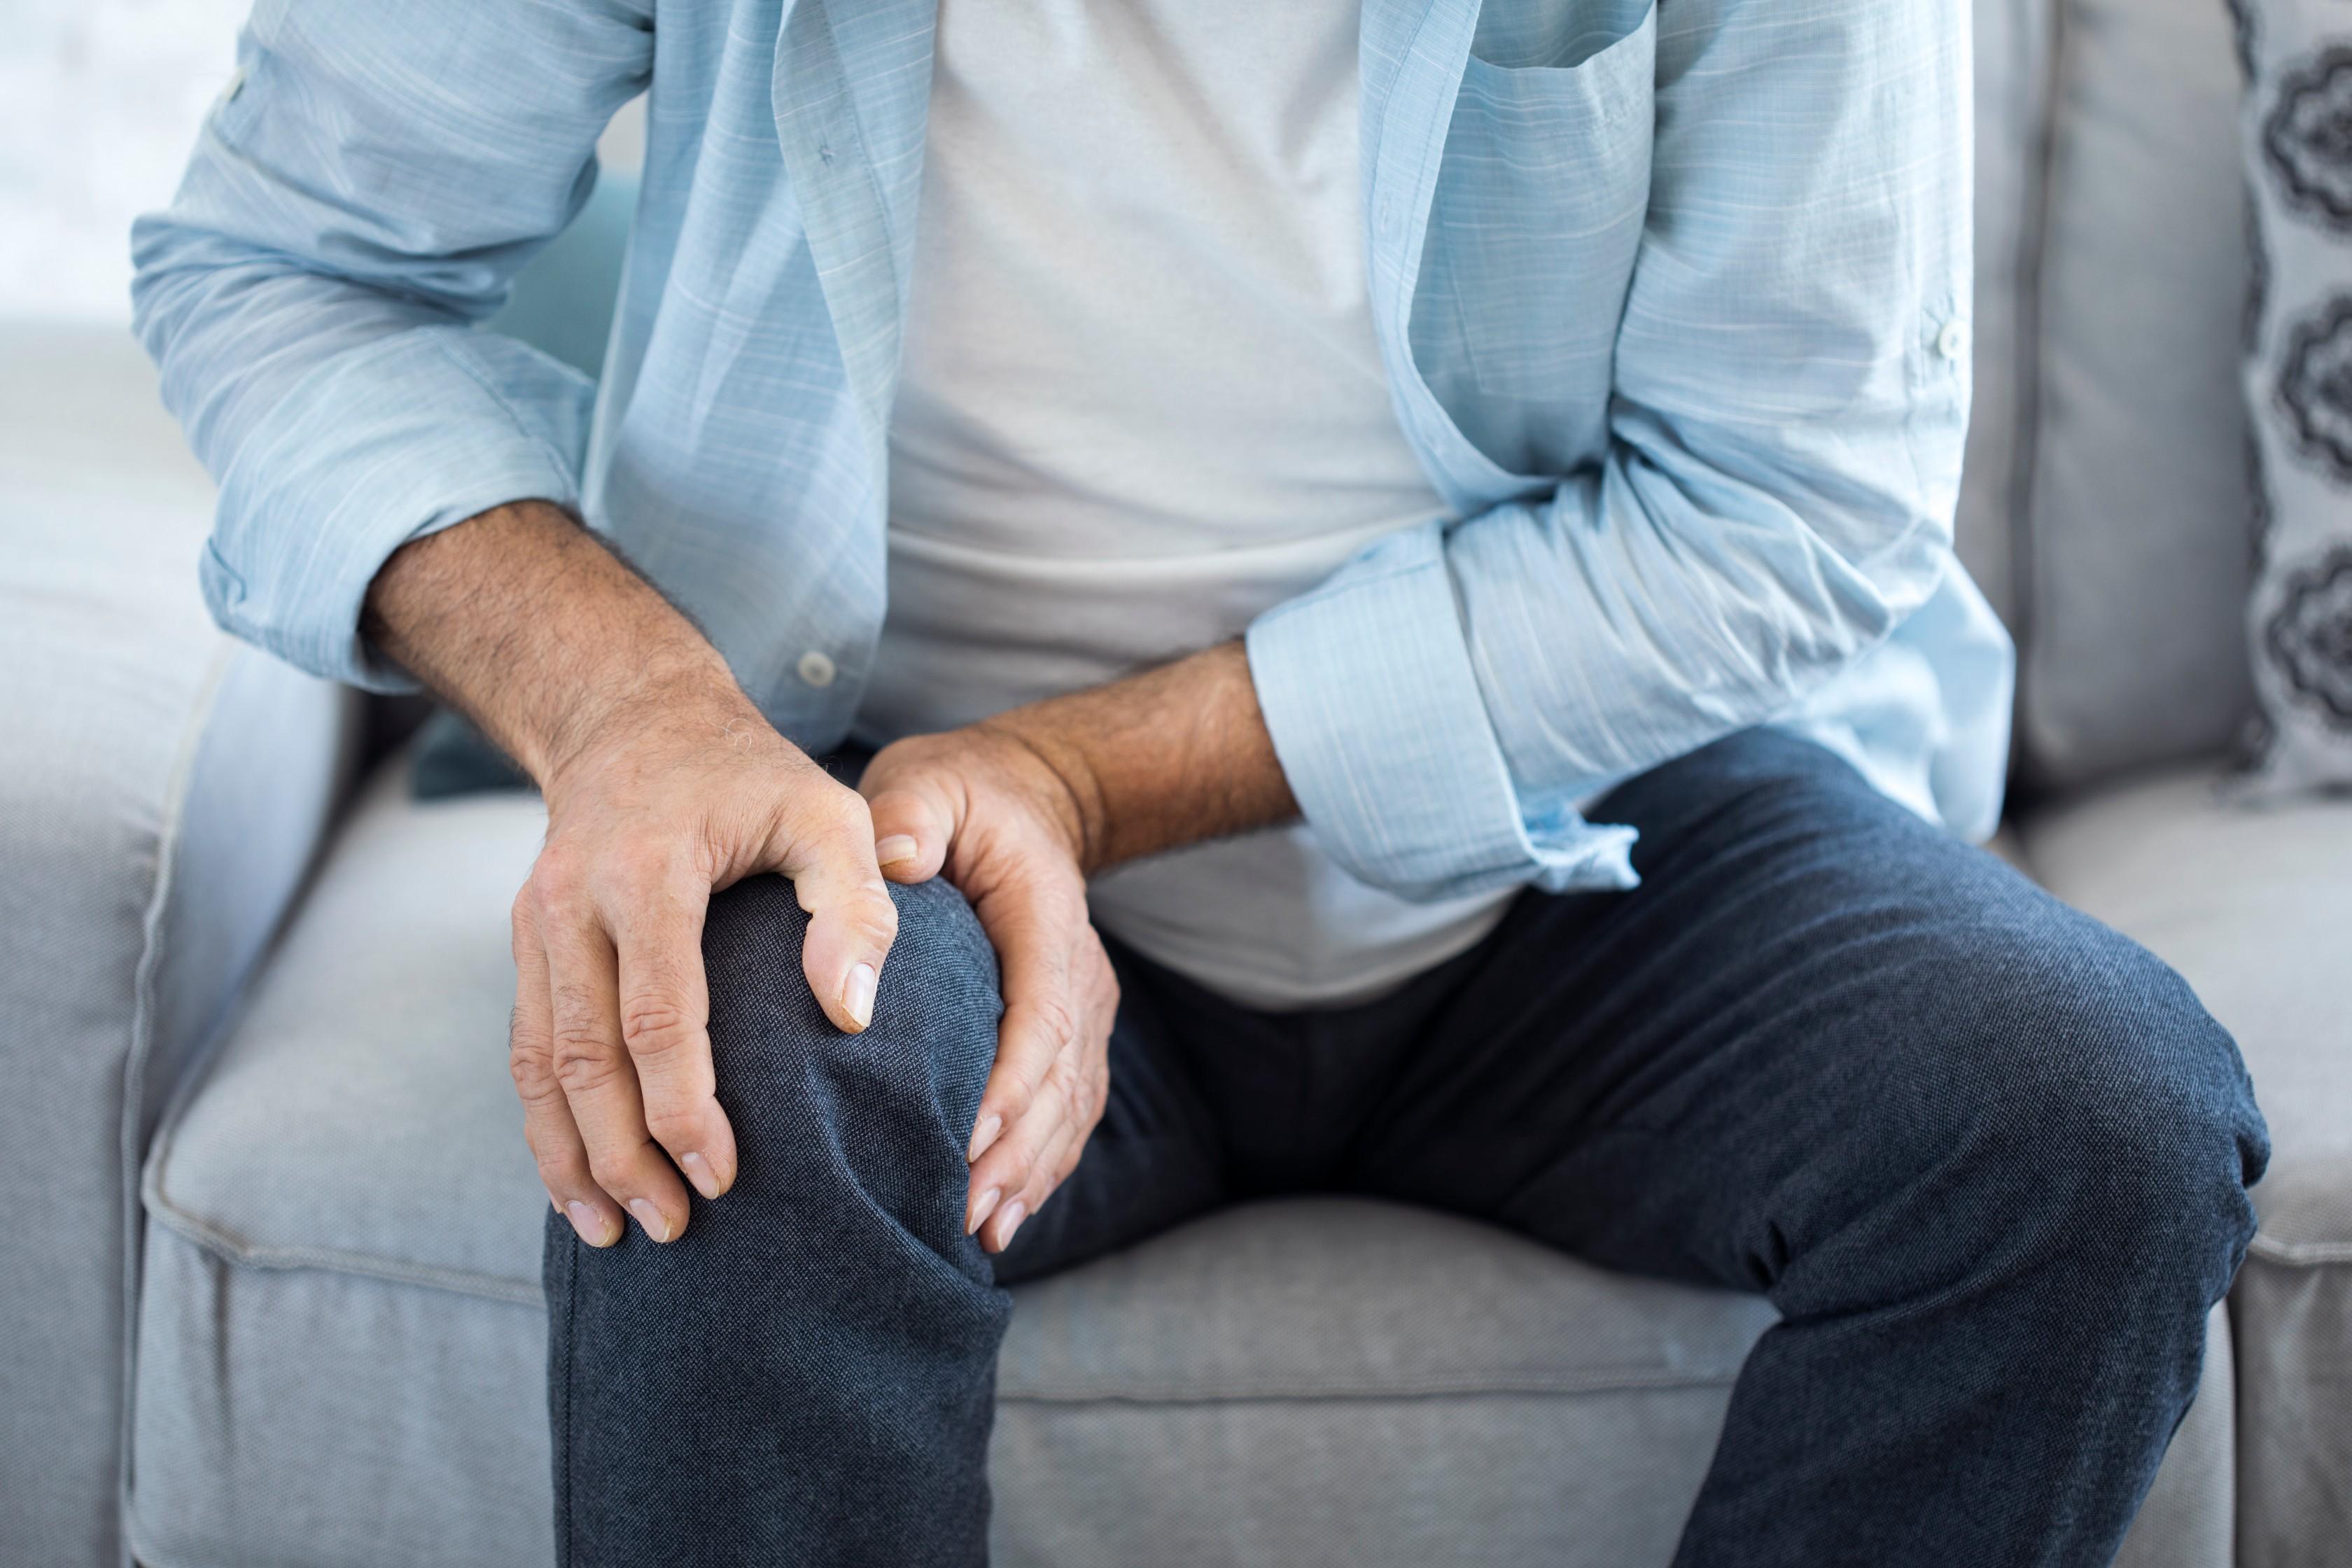 Tünetek, amelyek májbetegséget jelezhetnek